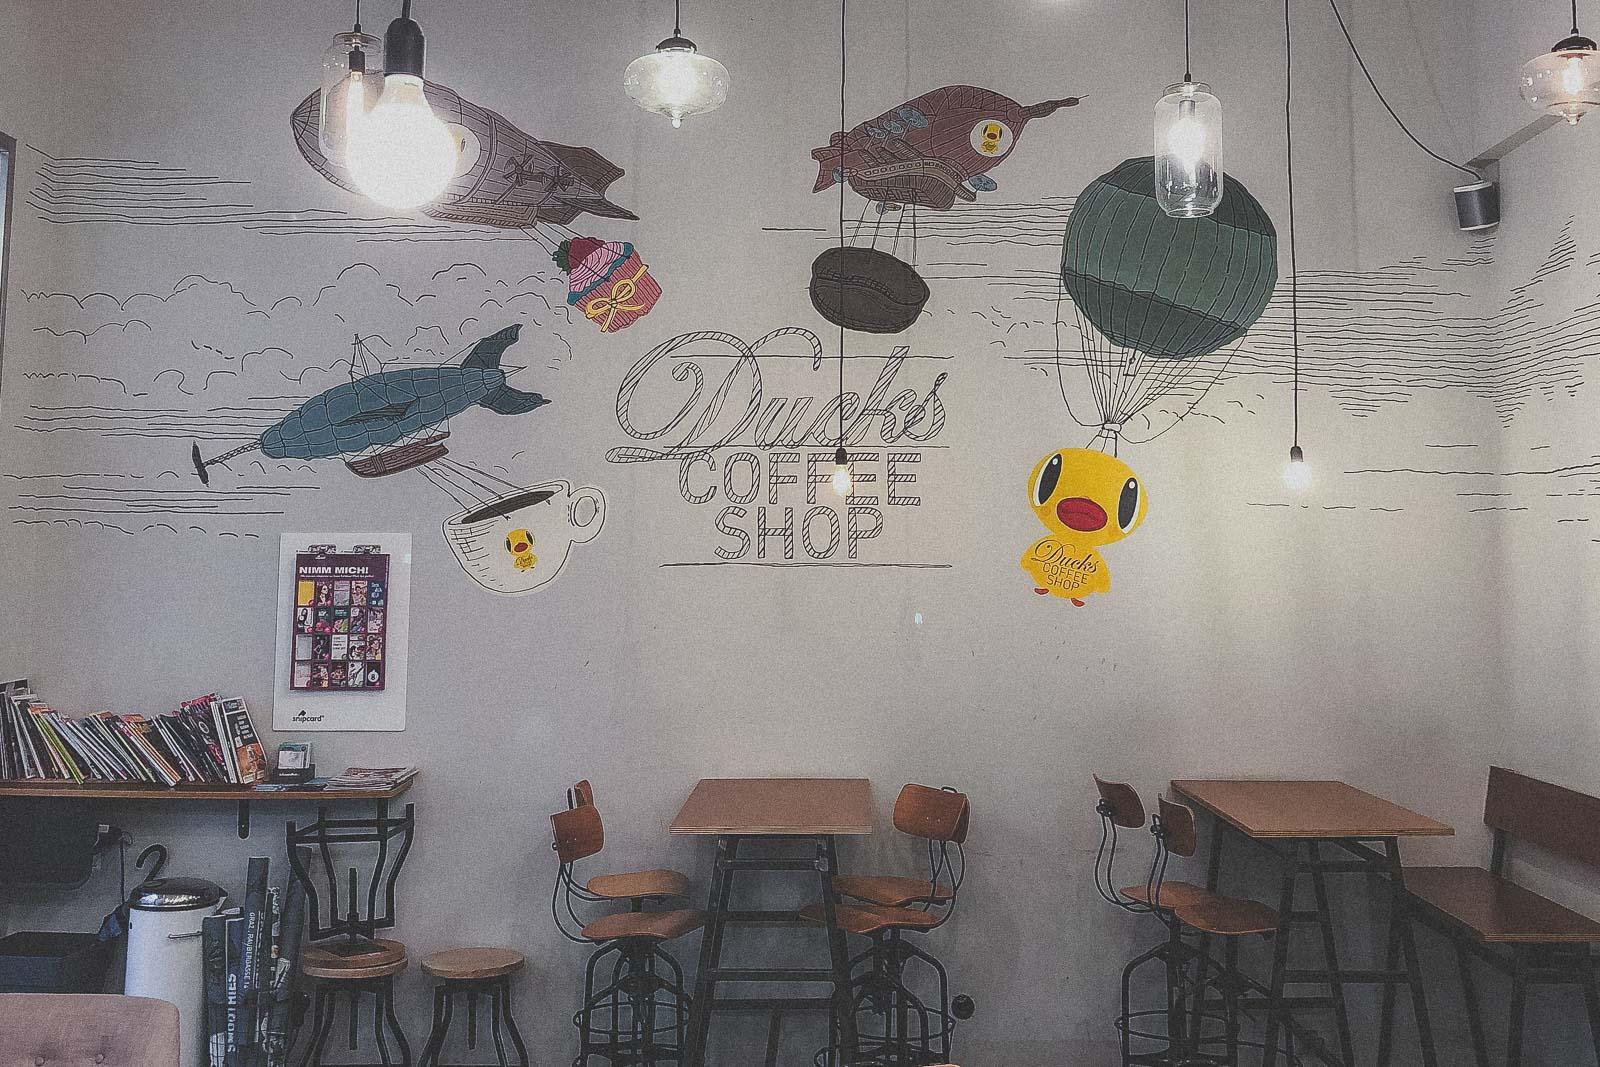 Ducks Coffee Shop, Kaffee trinken in Graz - Das sind die besten Cafés & Coffee Shops // Cafés in Graz, Kaffee trinken, Graz Blog, www.miss-classy.com #cafe #kaffee #graz